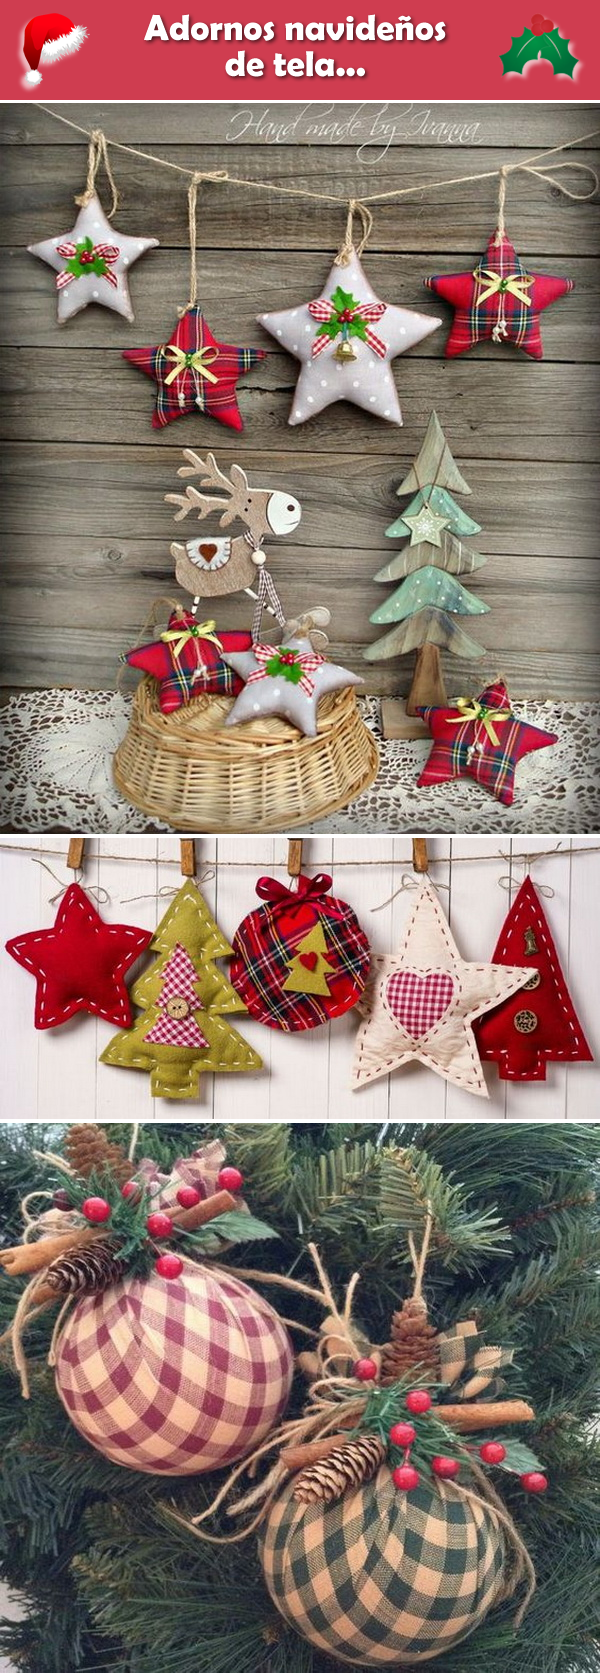 Adornos navide os de tela decoraci n navide a con tela - Decoracion navidena diy ...